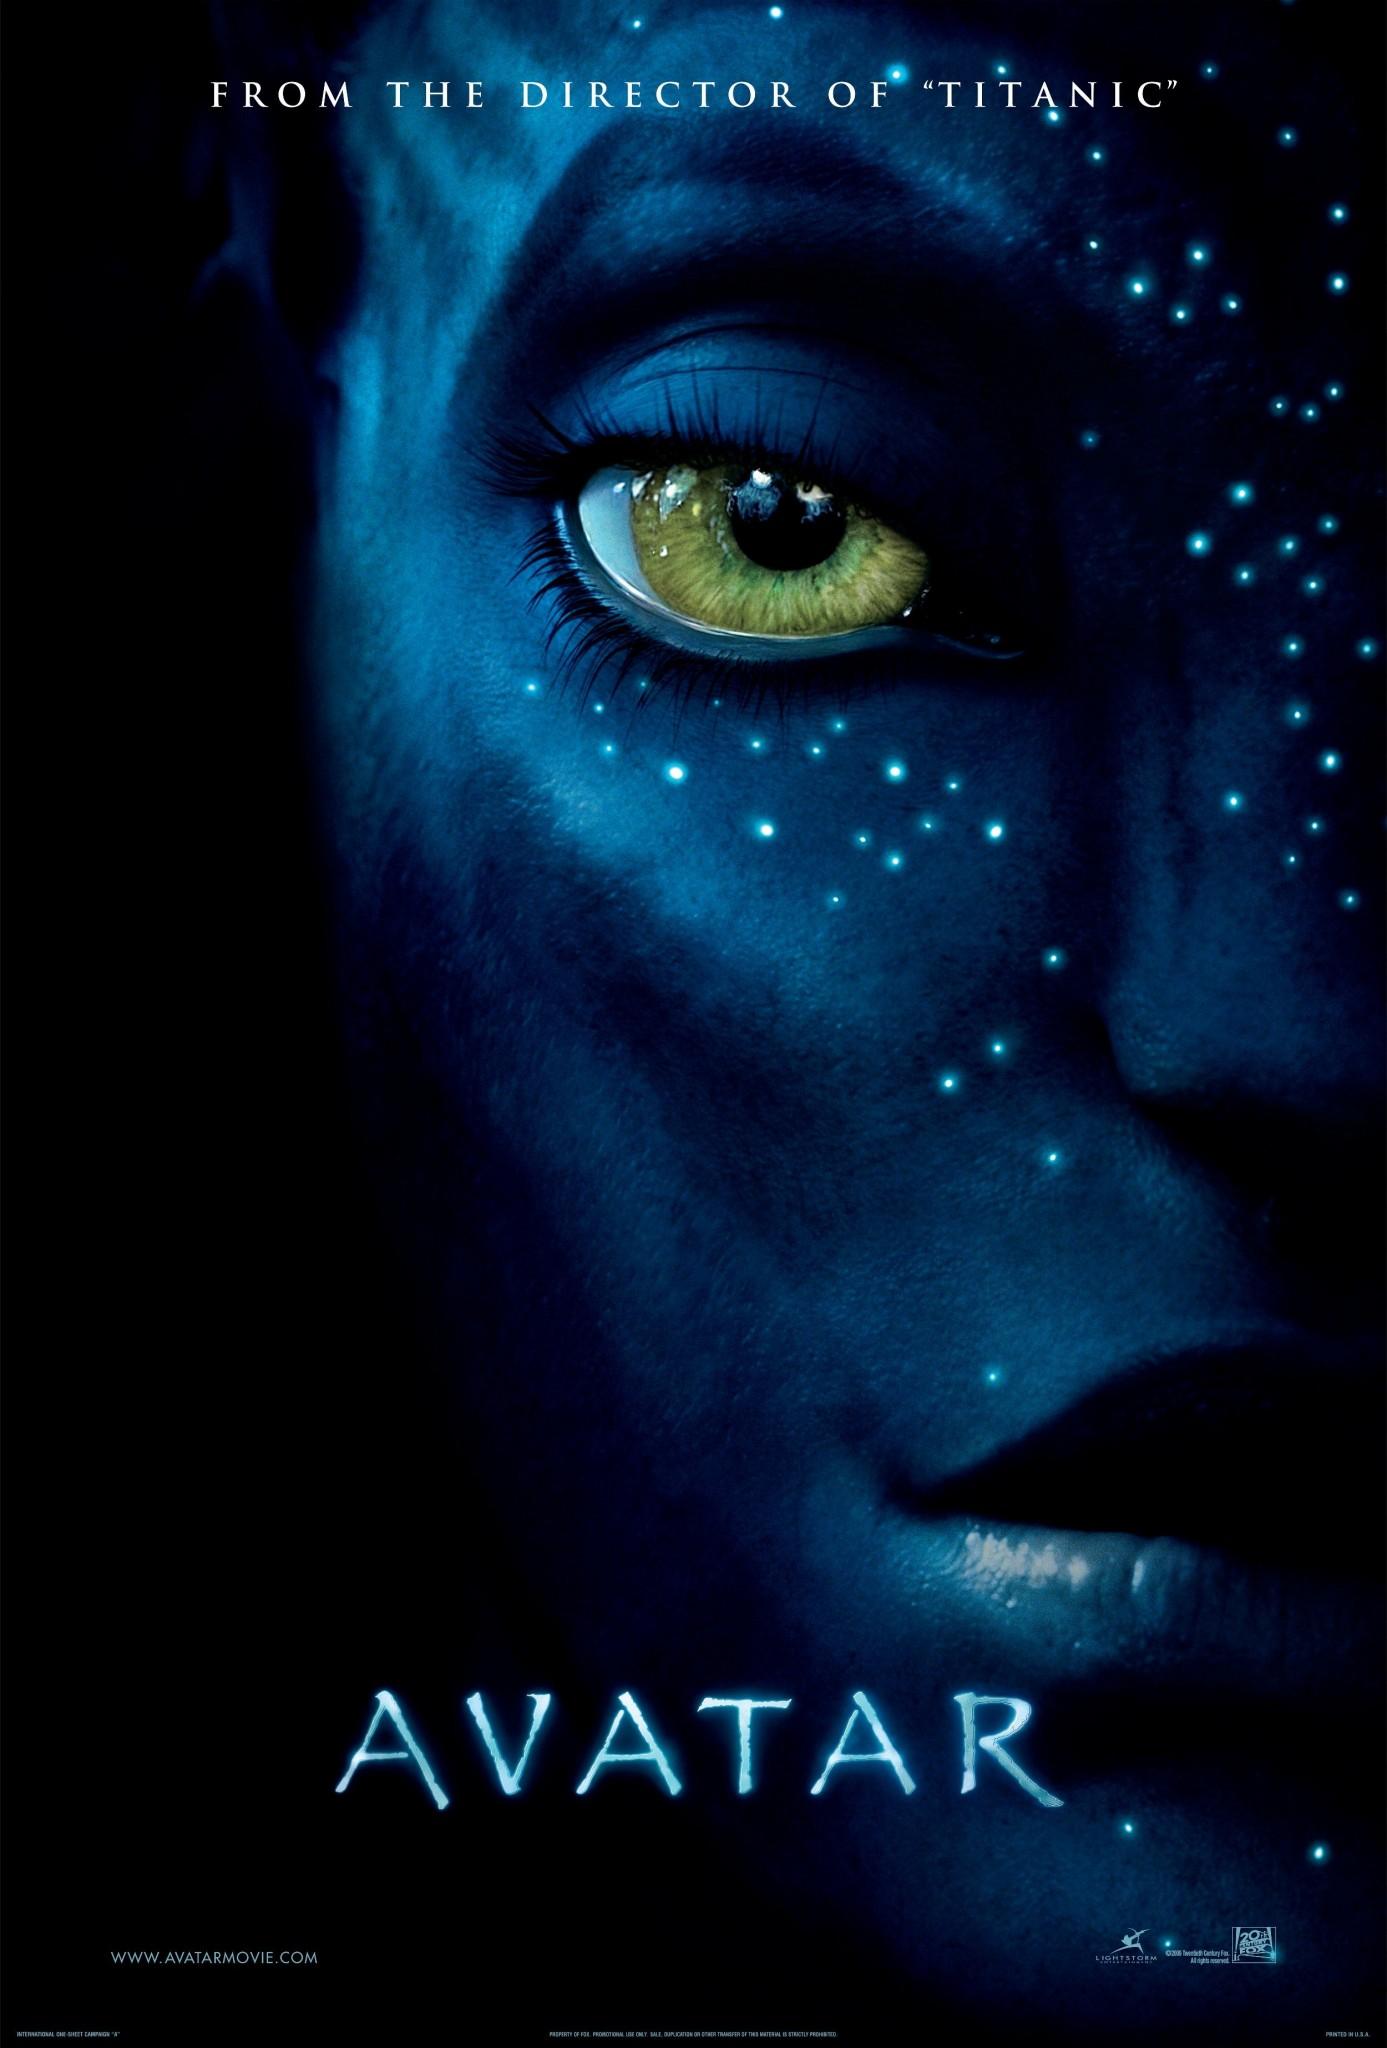 Avatar starring Sam Worthington, Zoe Saldana and Sigourney Weaver